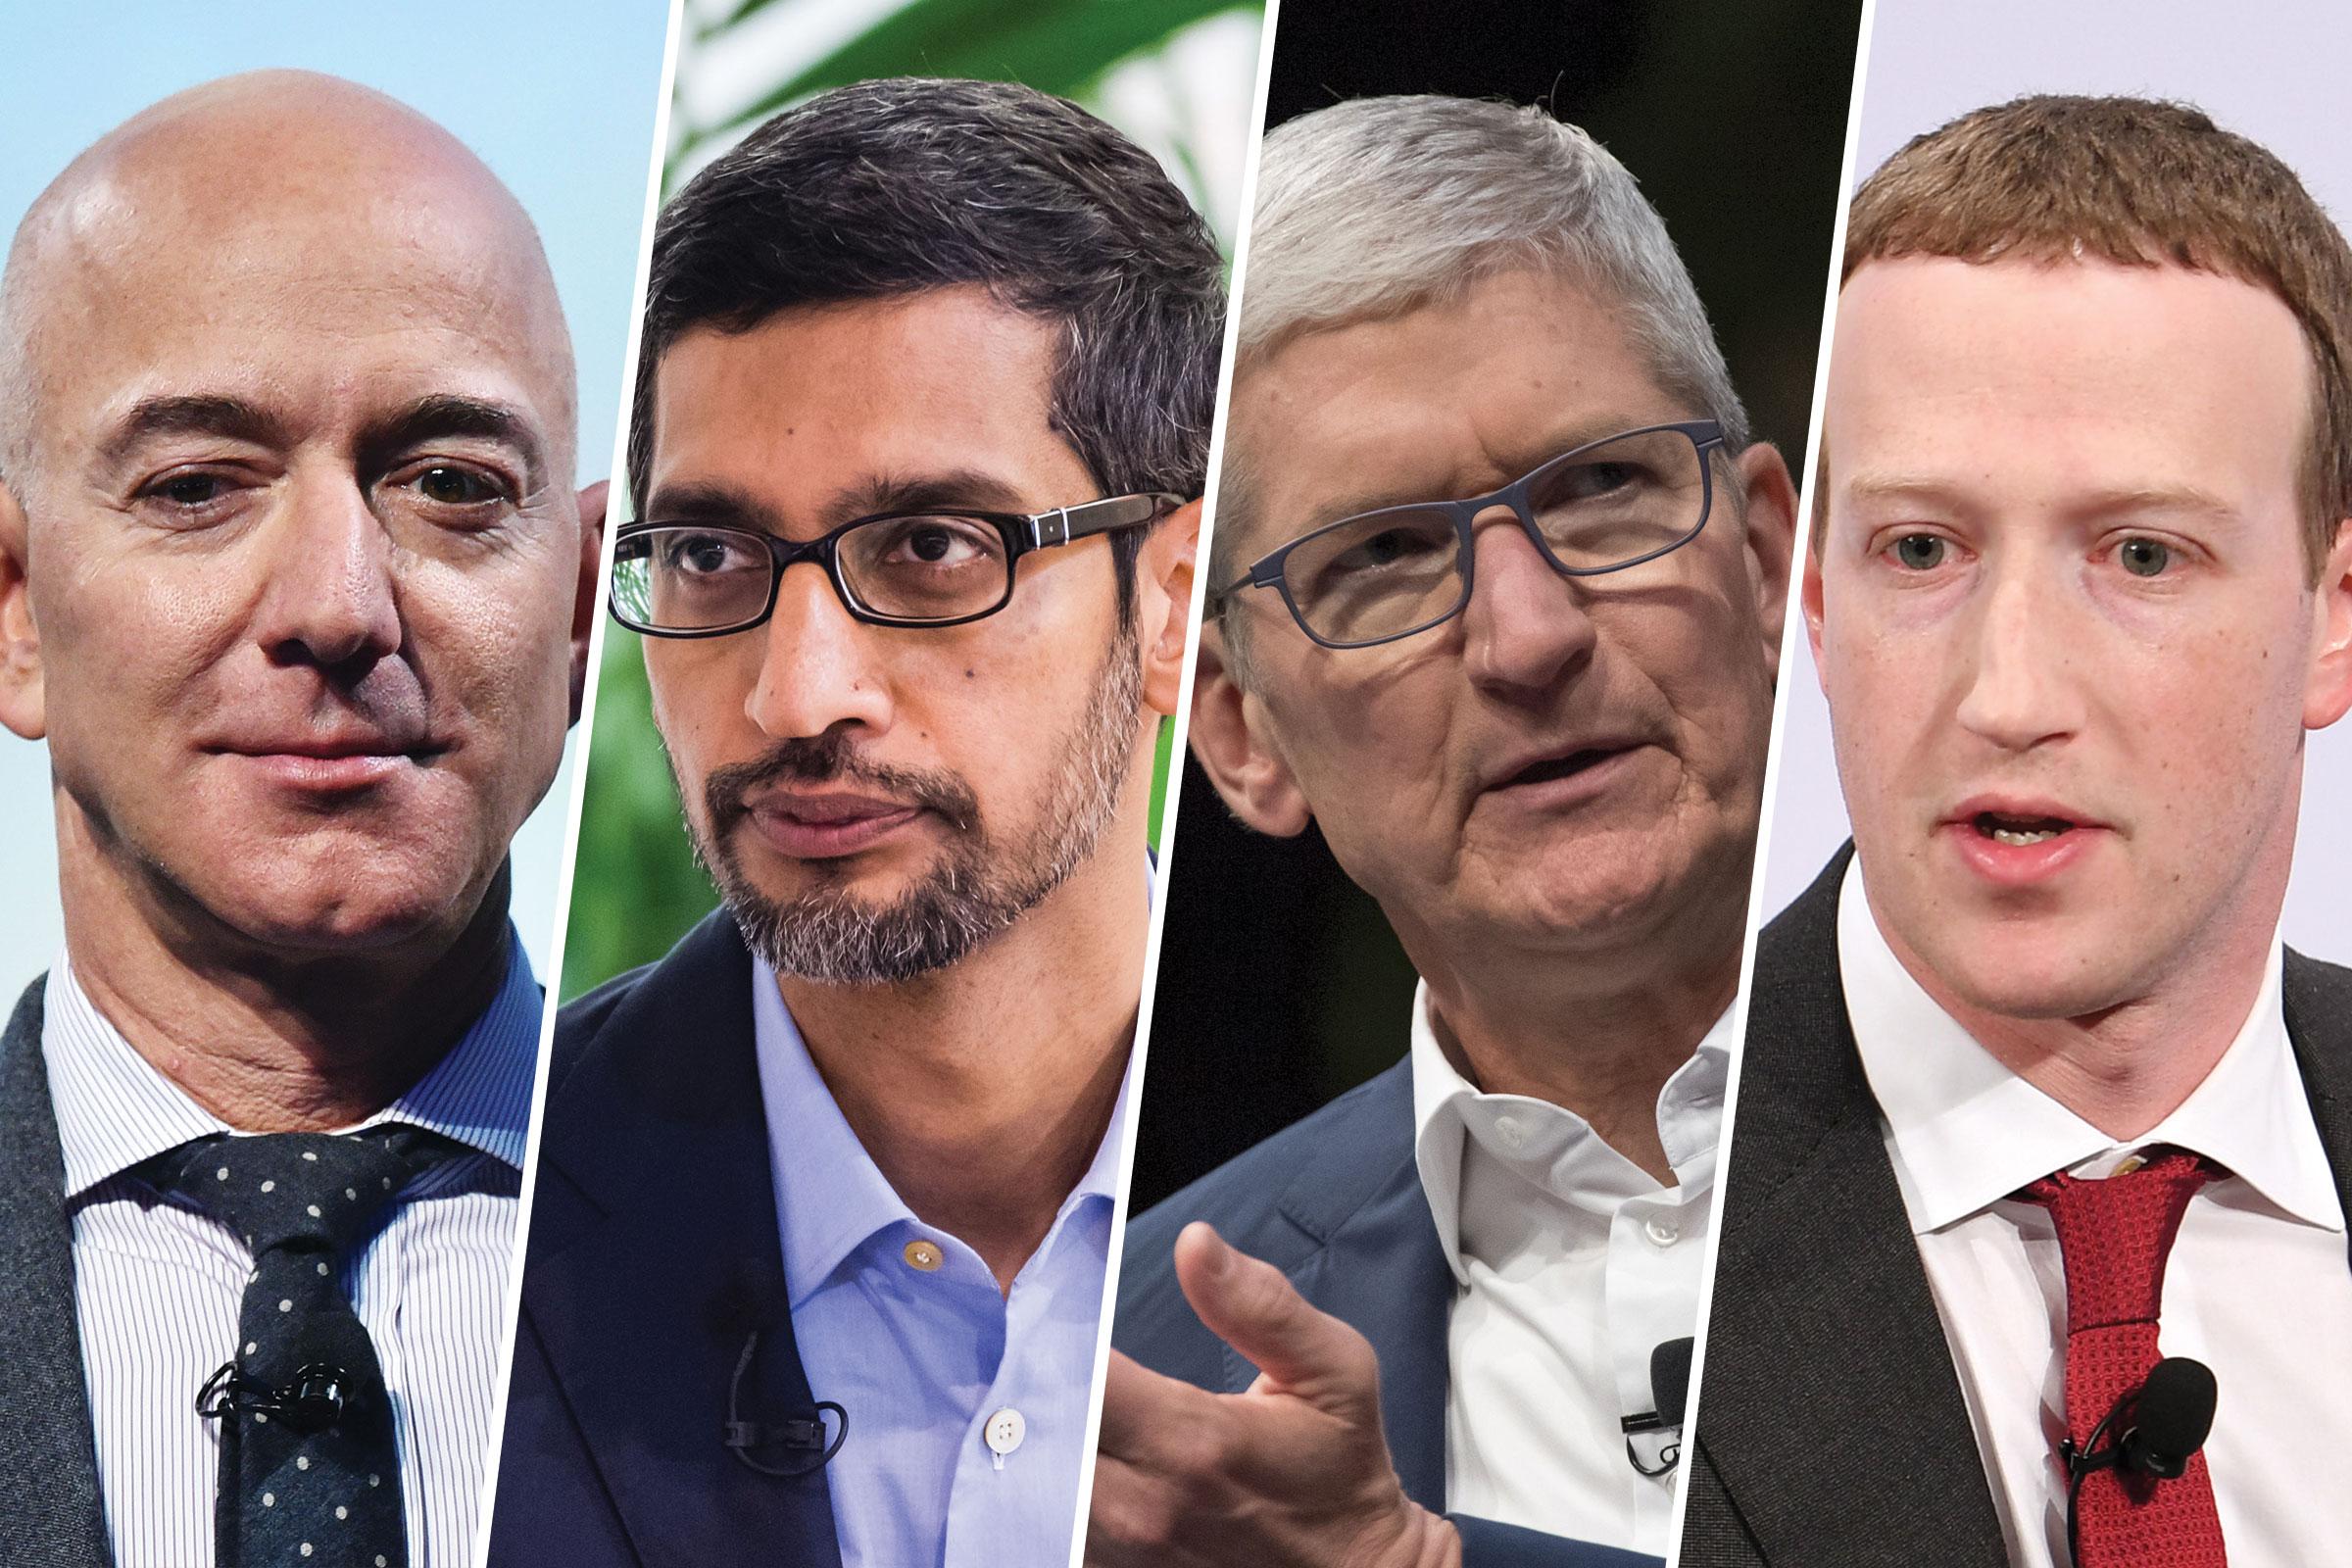 Amazon CEO Jeff Bezos, Google CEO Sundar Pichai, Apple CEO Tim Cook, Facebook CEO Mark Zuckerberg